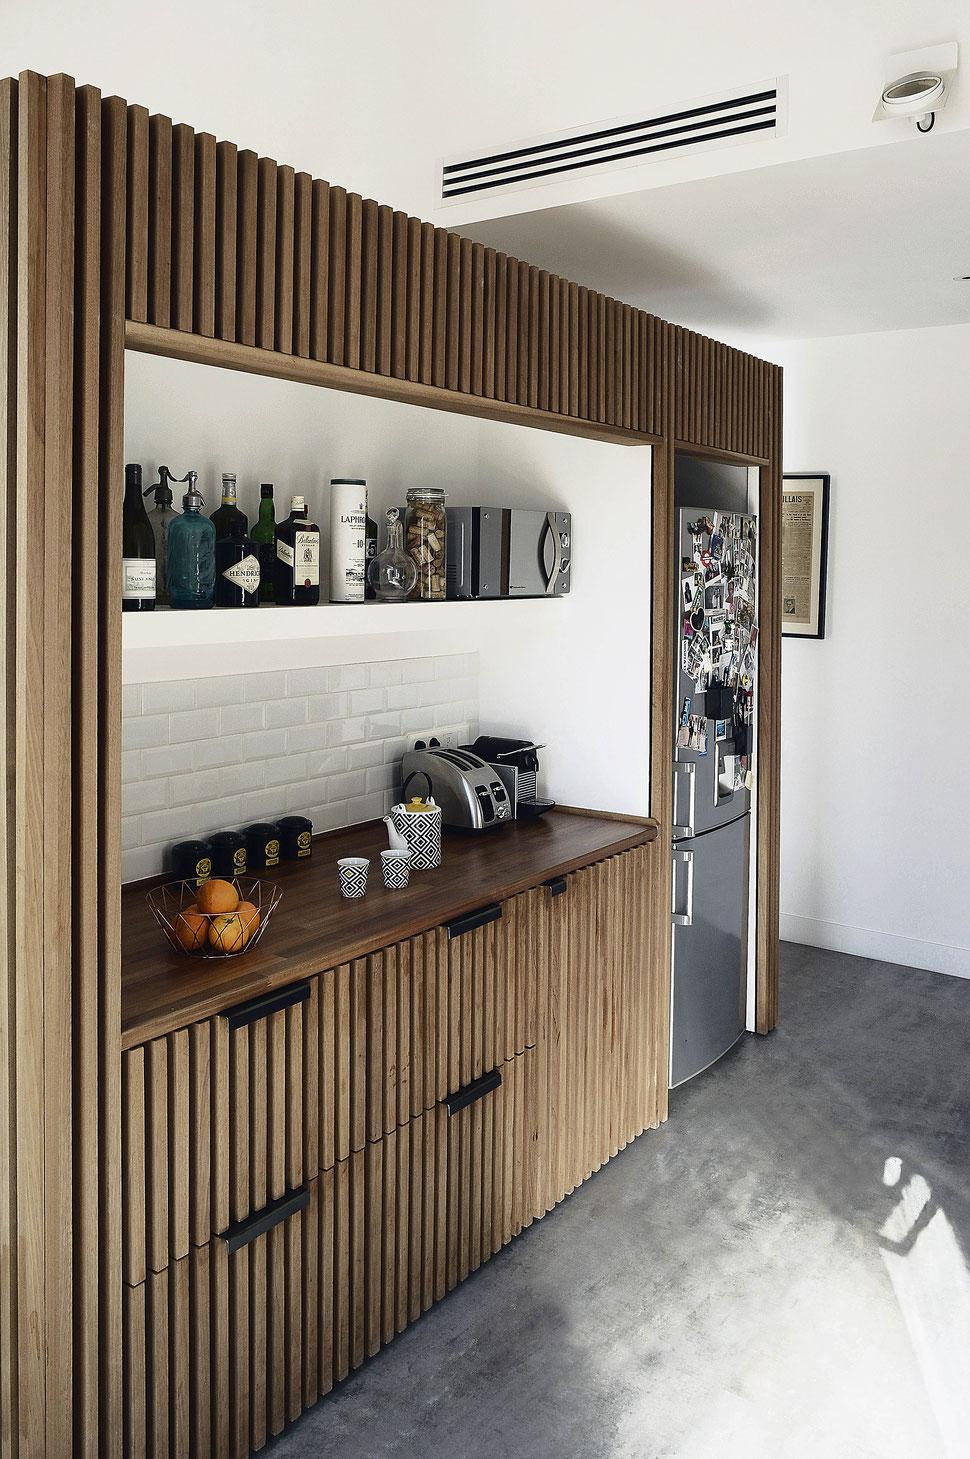 bertrand guillon architecture - architecte - marseille - appartement - rénovation - intérieur - interiordesign - bardage bois - cuisine - ilot - acier